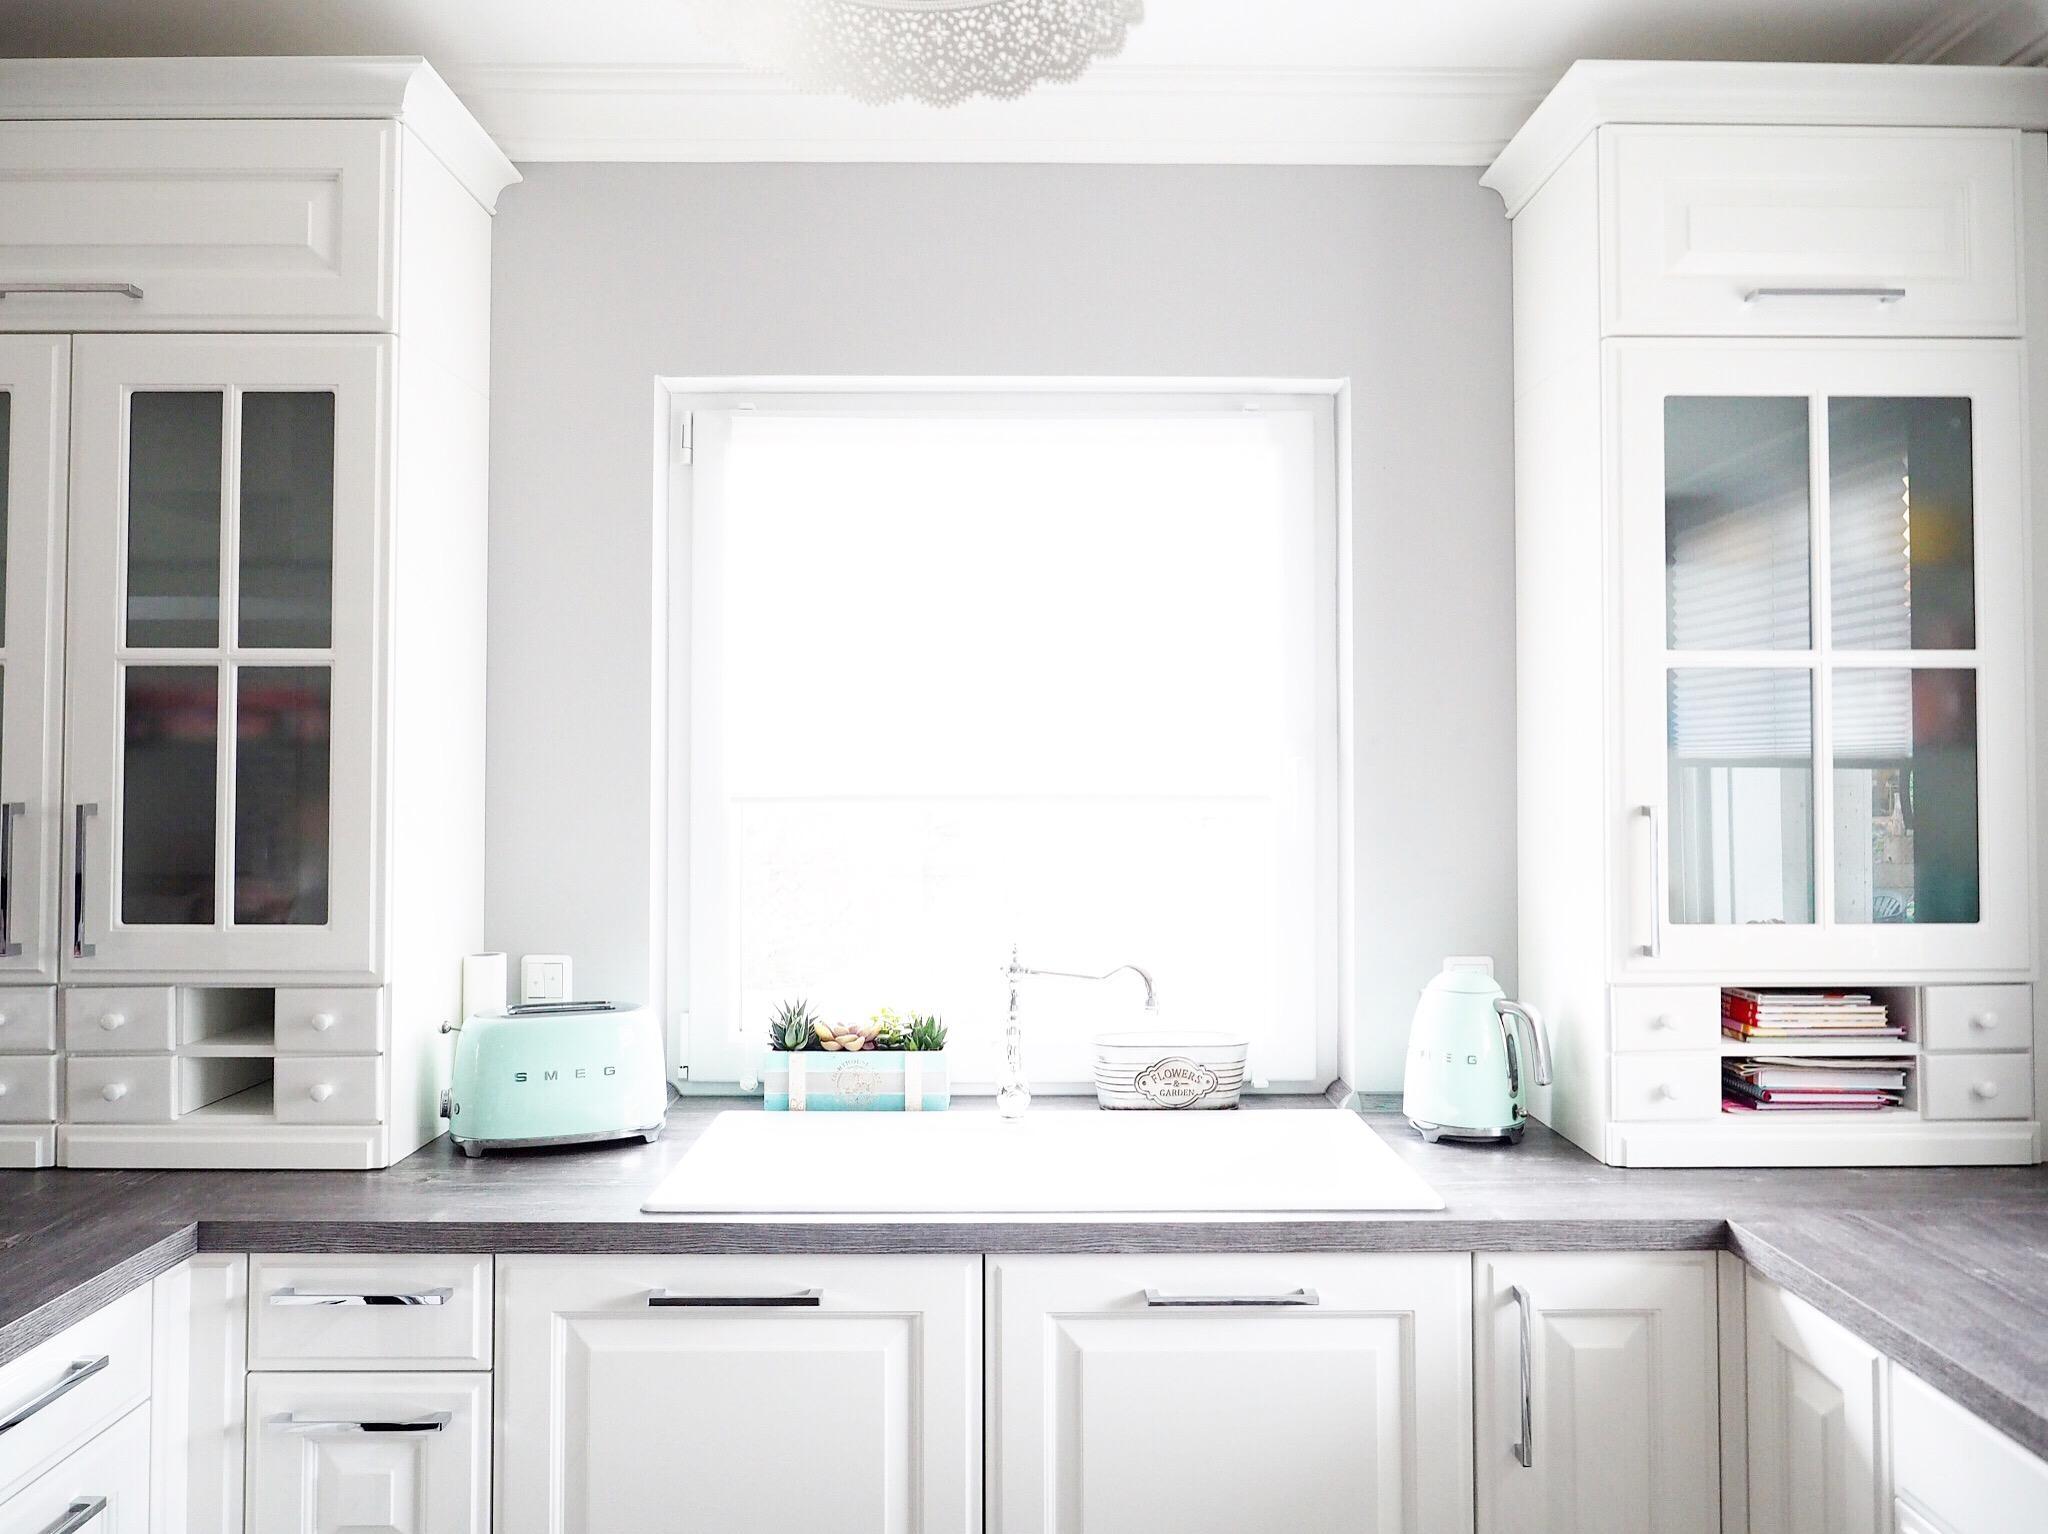 Küchen im Landhausstil: Inspiration bei COUCH!